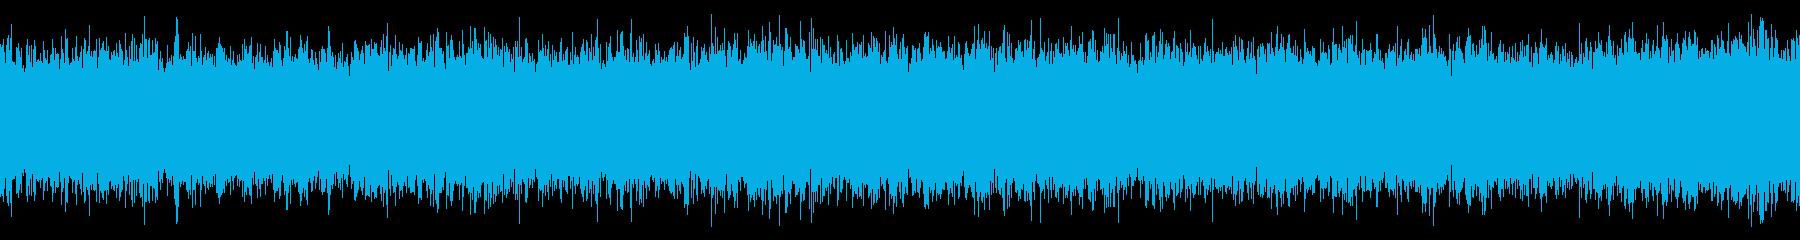 換気扇の音 ファンの回転音 ごー がーの再生済みの波形